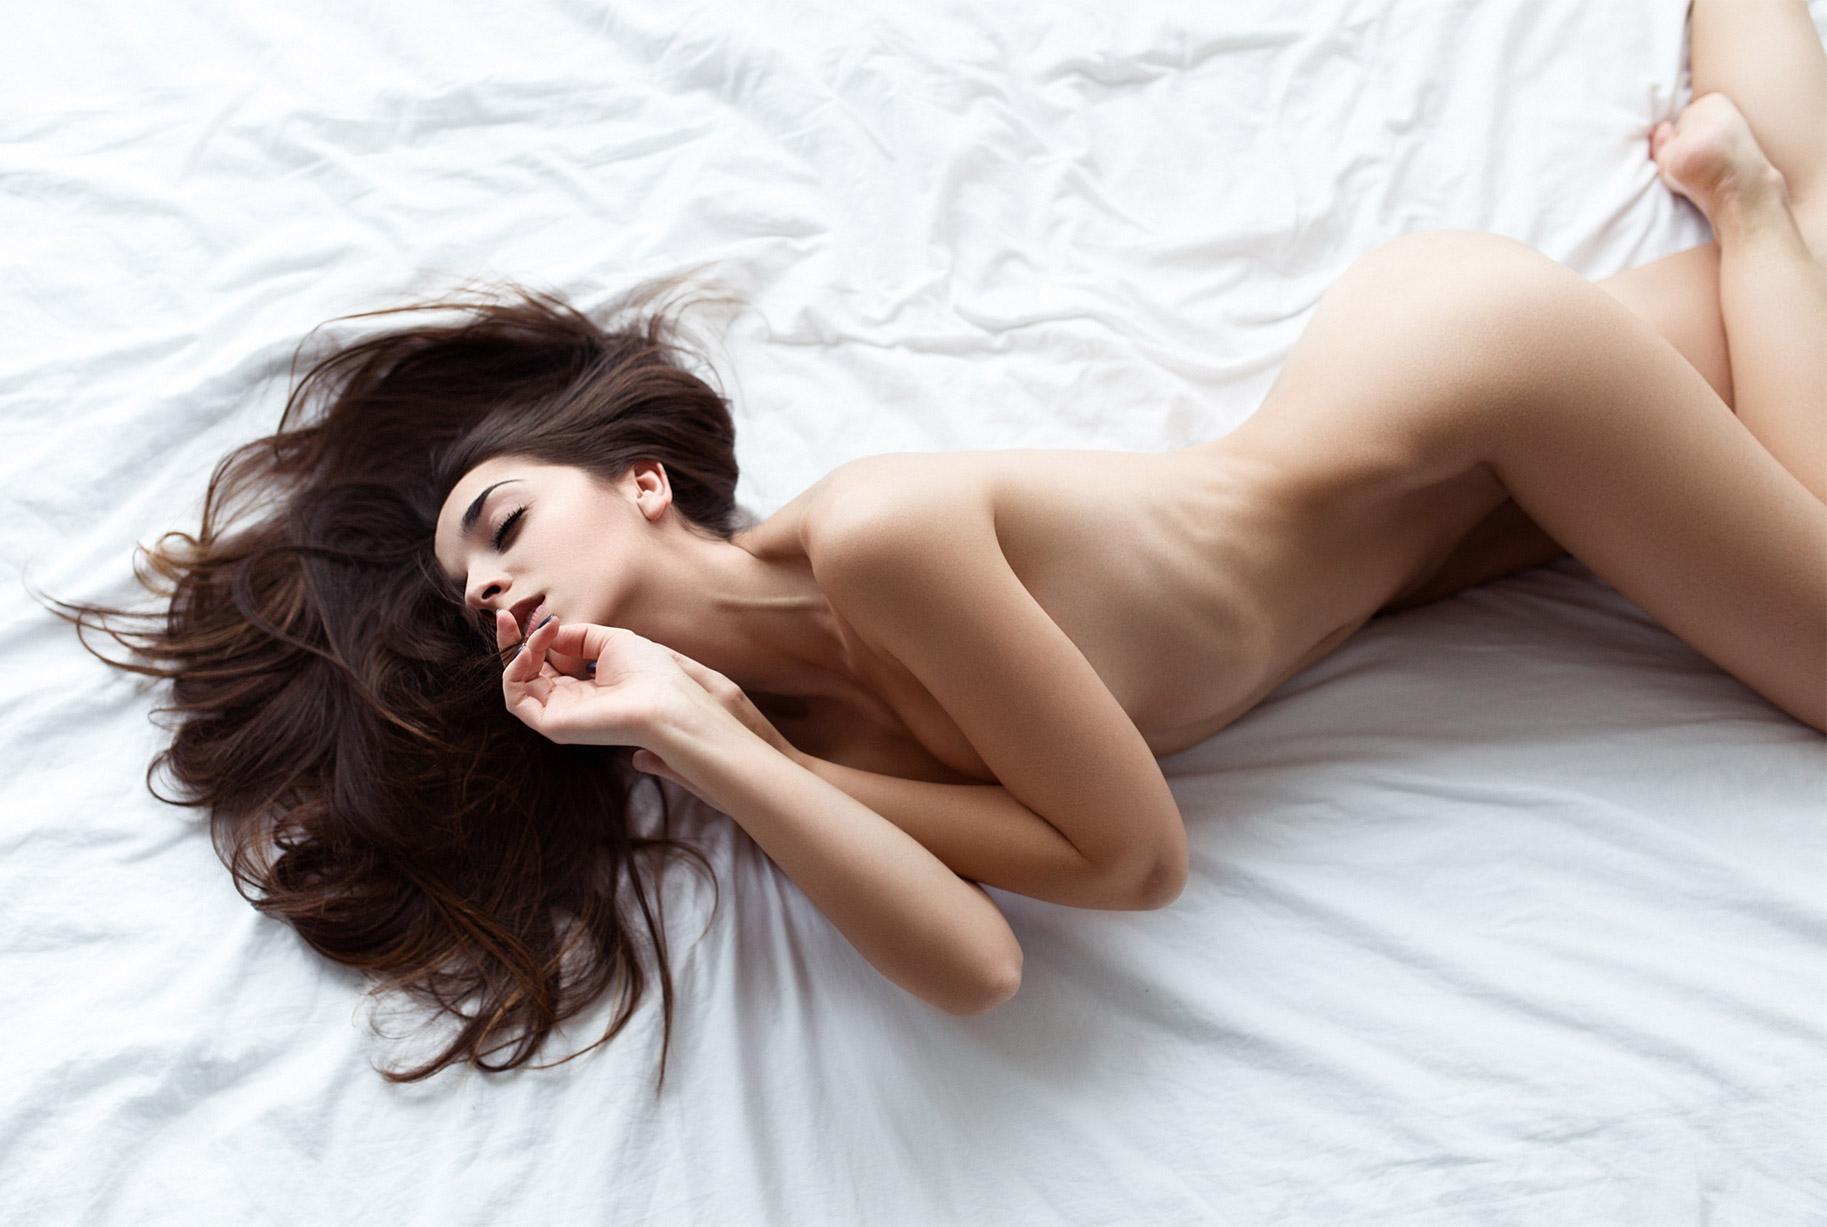 сексуальные голые девушки на снимках фотографа Бенджамина Вингрифа / фото 18